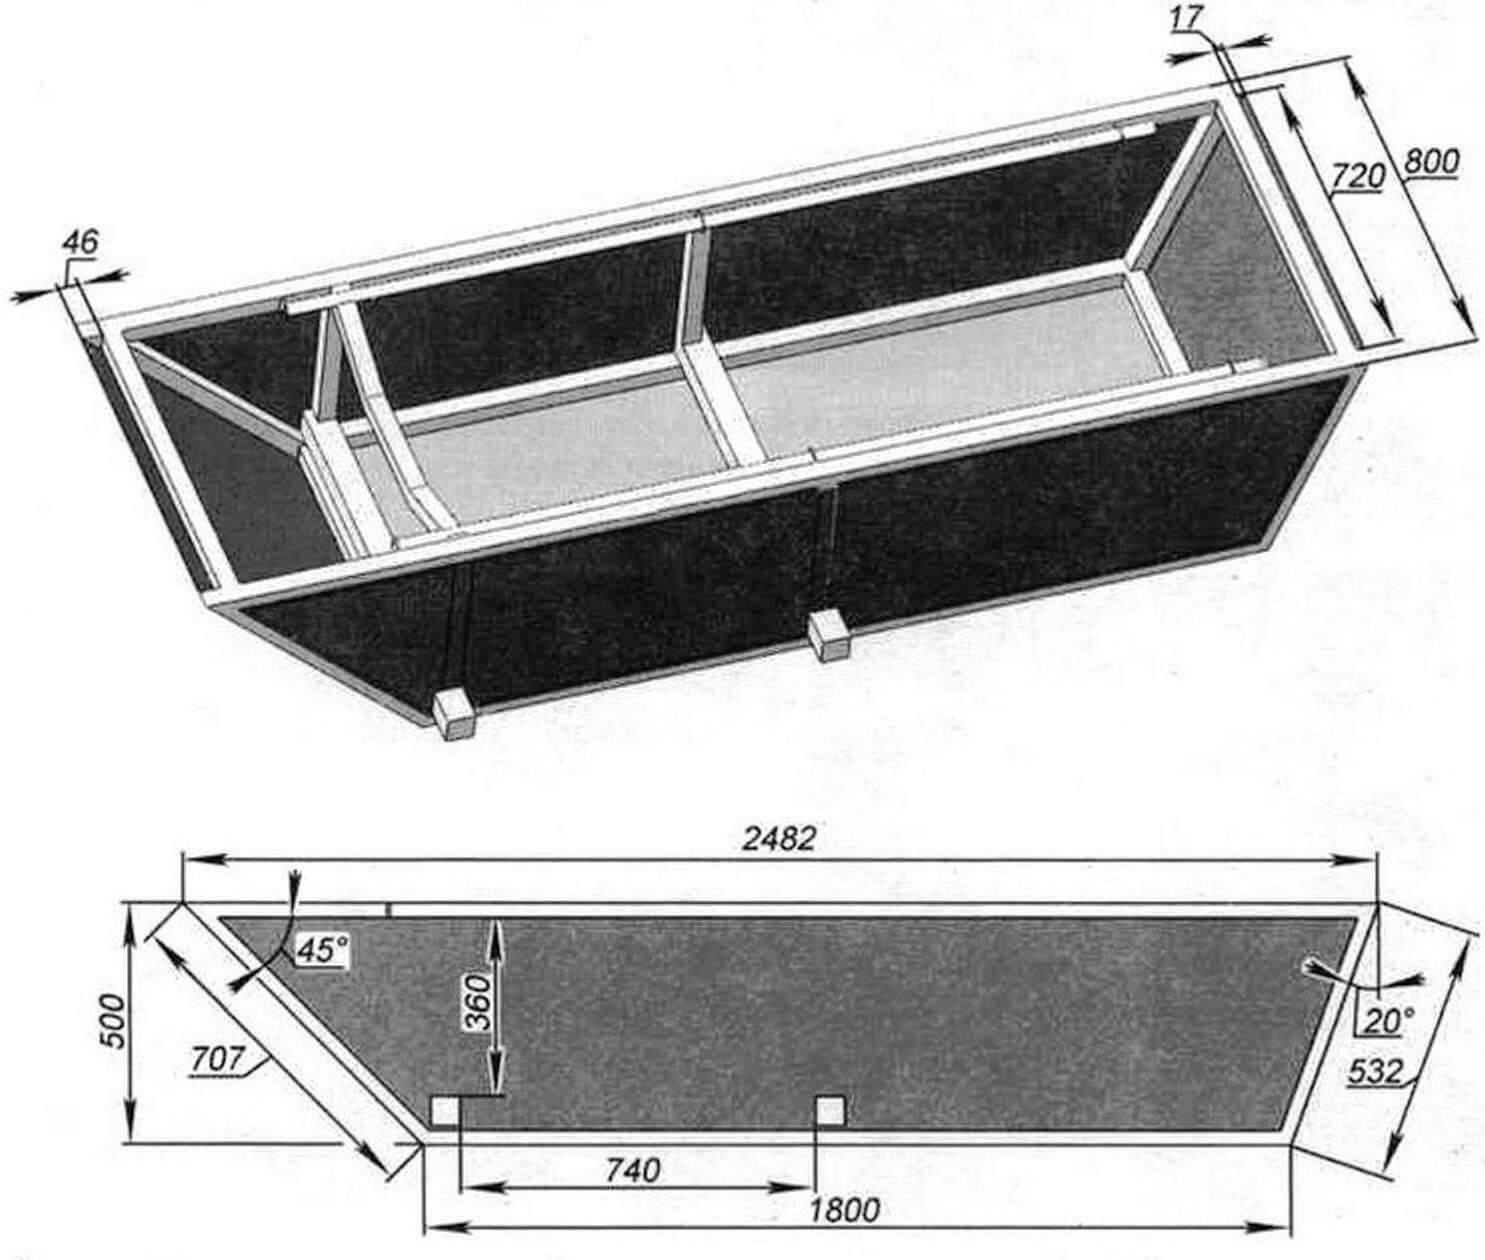 Основа «Мишутки» - герметичный кузов-лодка, представляющий собой каркас из стальных профилей, обшитый листовым железом